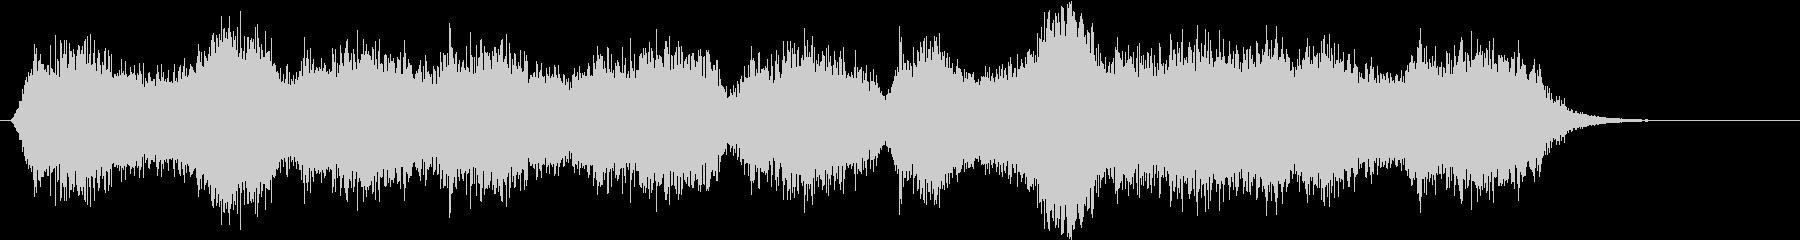 不気味な風の音がするBGMの未再生の波形